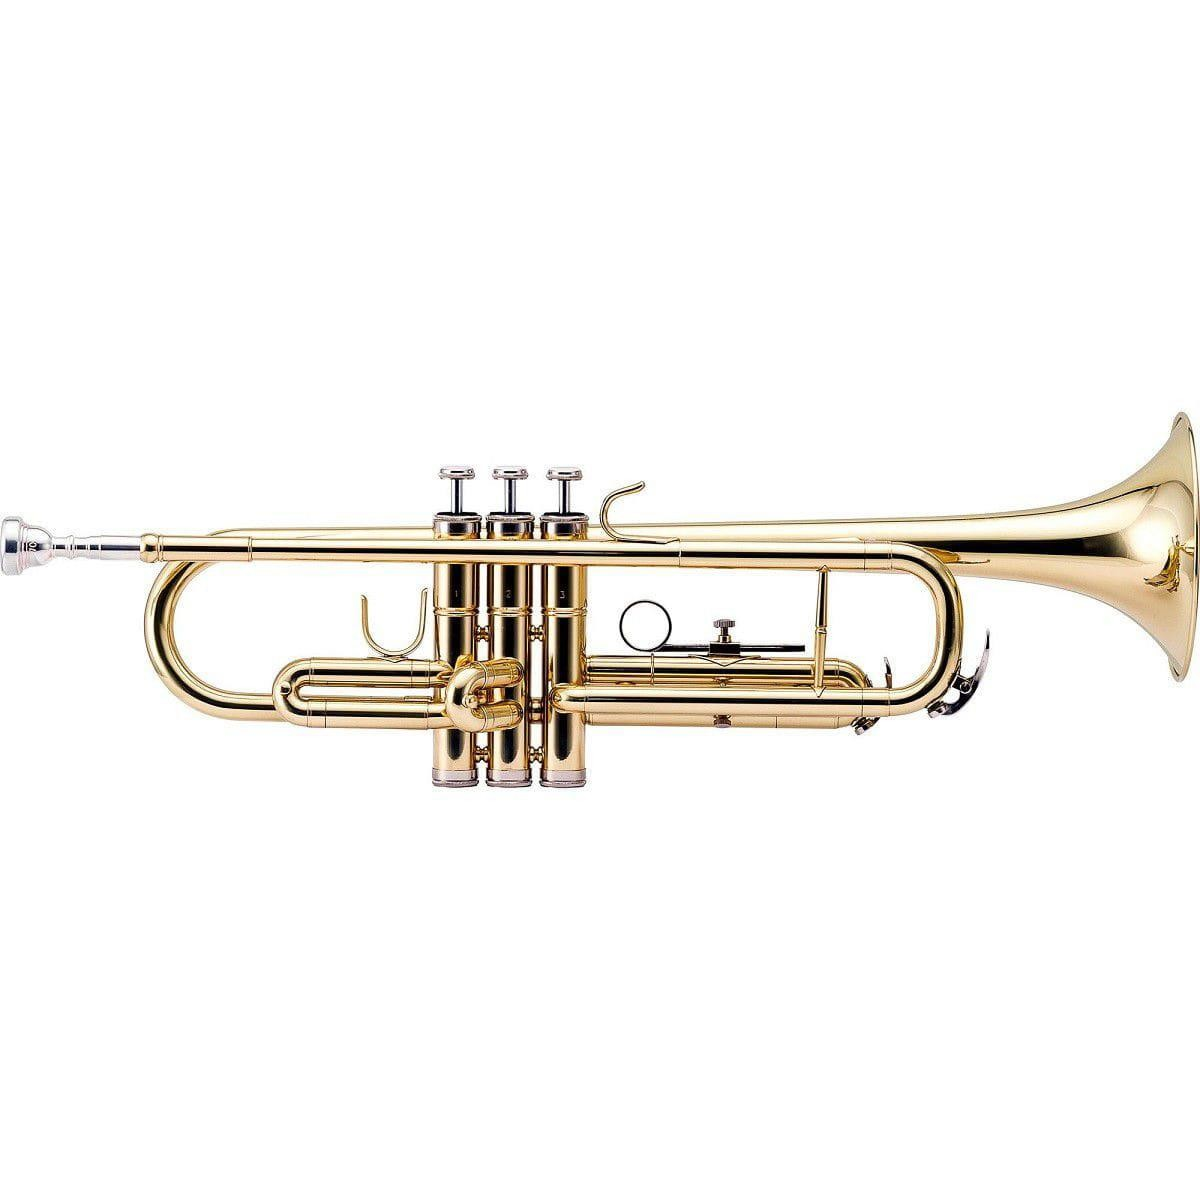 Trompete Harmonics HTR-300L SÍ BEMOL Laqueado (Com Estojo)